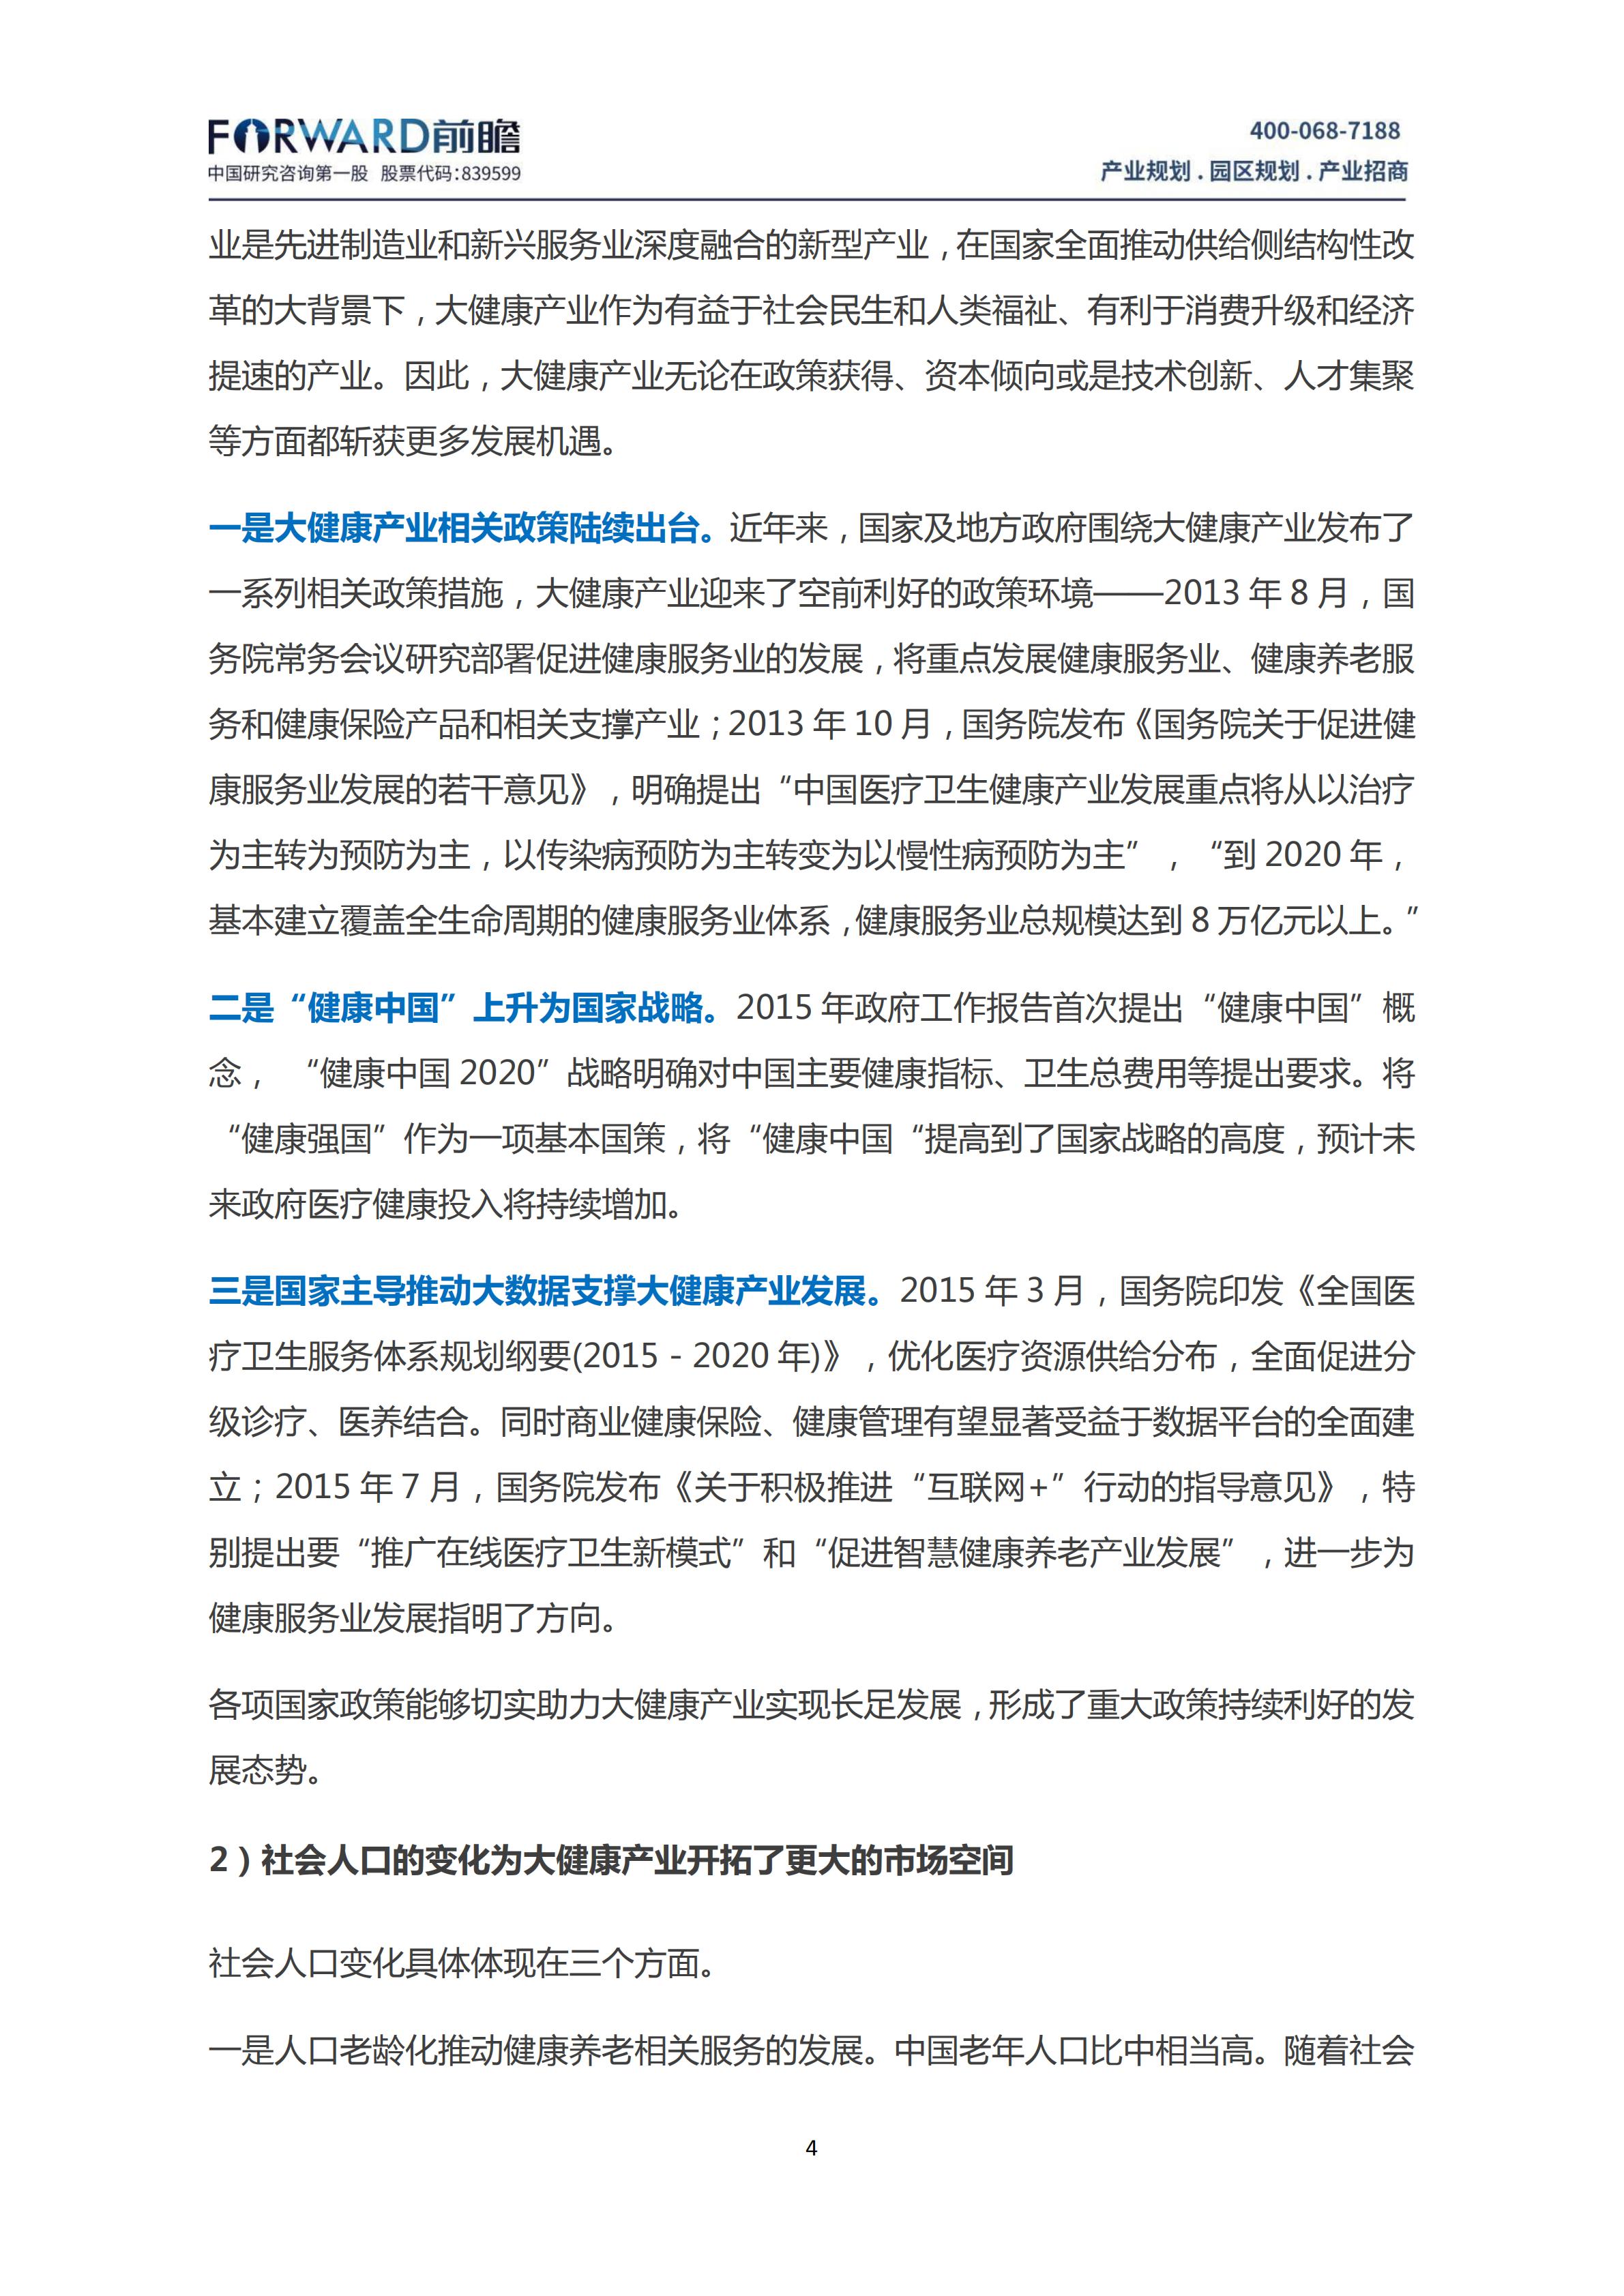 中国大健康产业发展现状及趋势分析_05.png